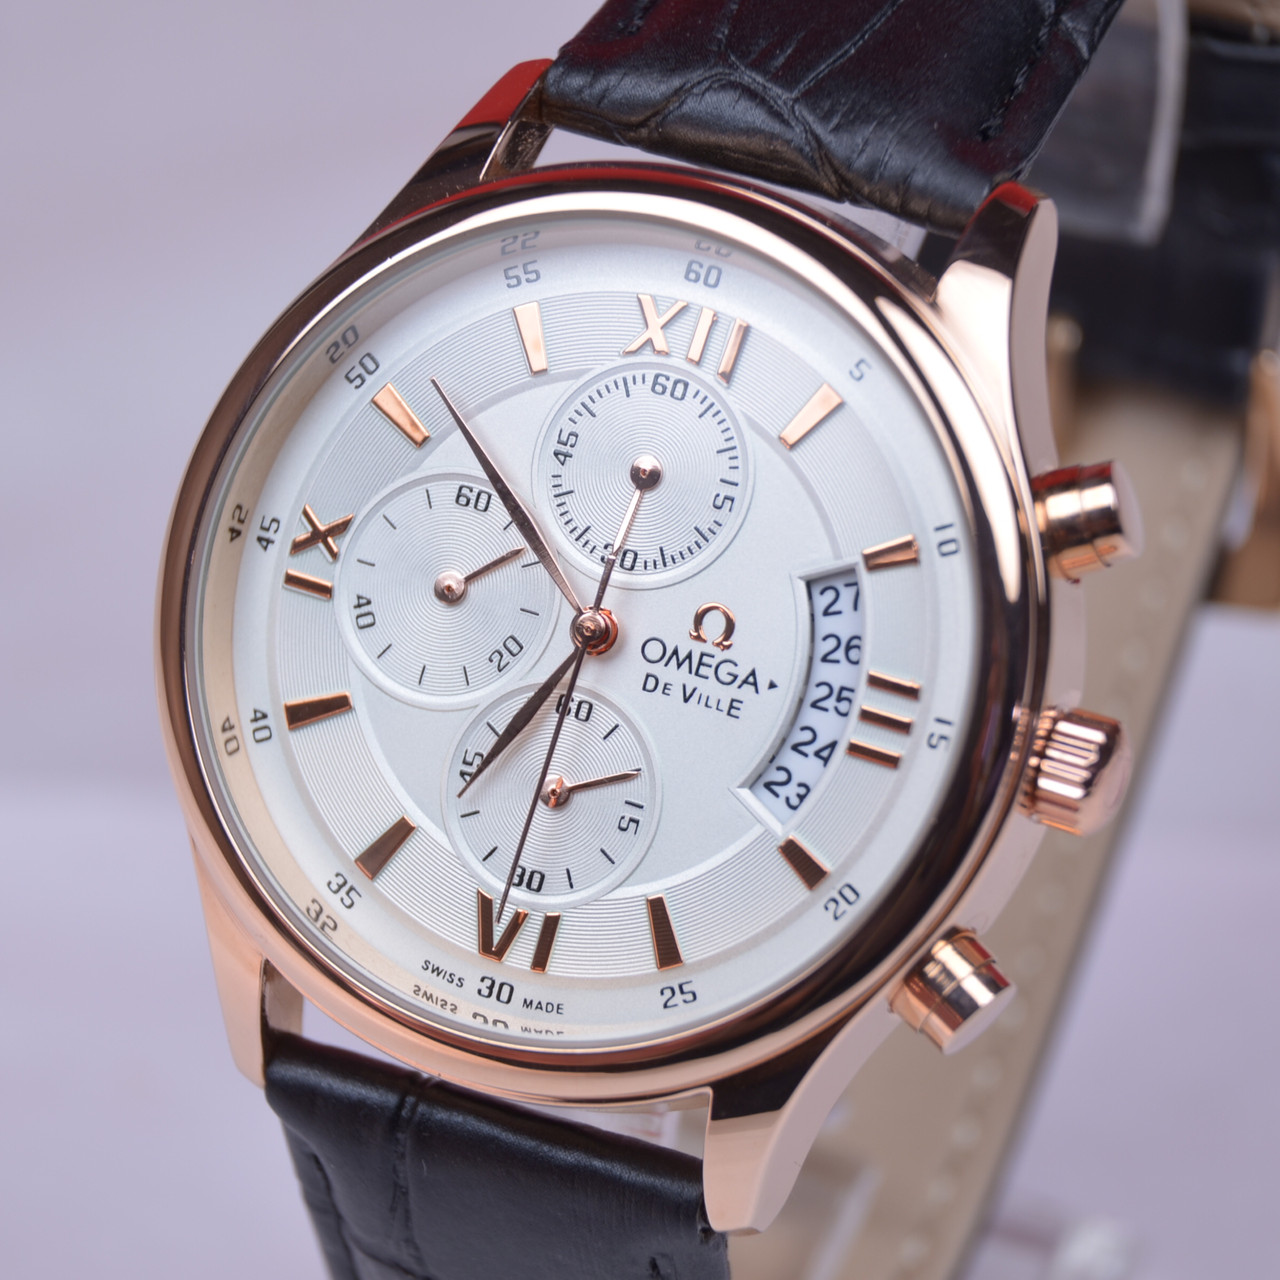 Мужские наручные часы OMEG-A De Velle копия хронограф все циферблаты рабочие